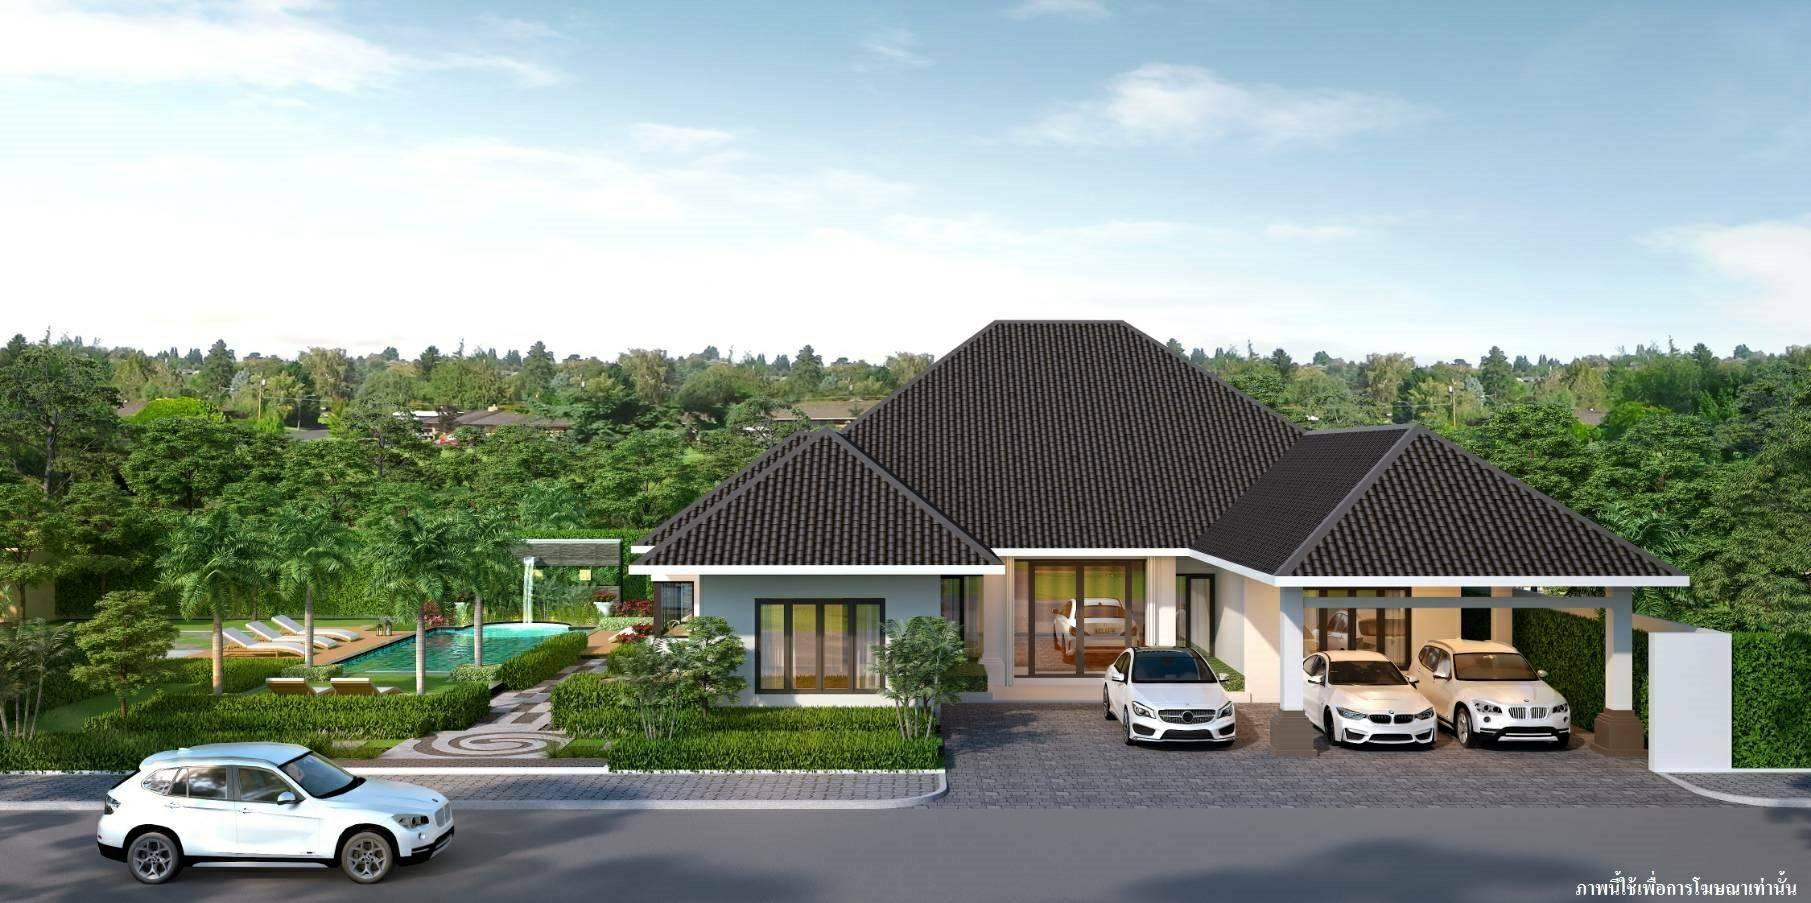 ขายบ้านเดี่ยว ชั้นเดียว โครงการ European Thai House พัทยา จ. ชลบุรี